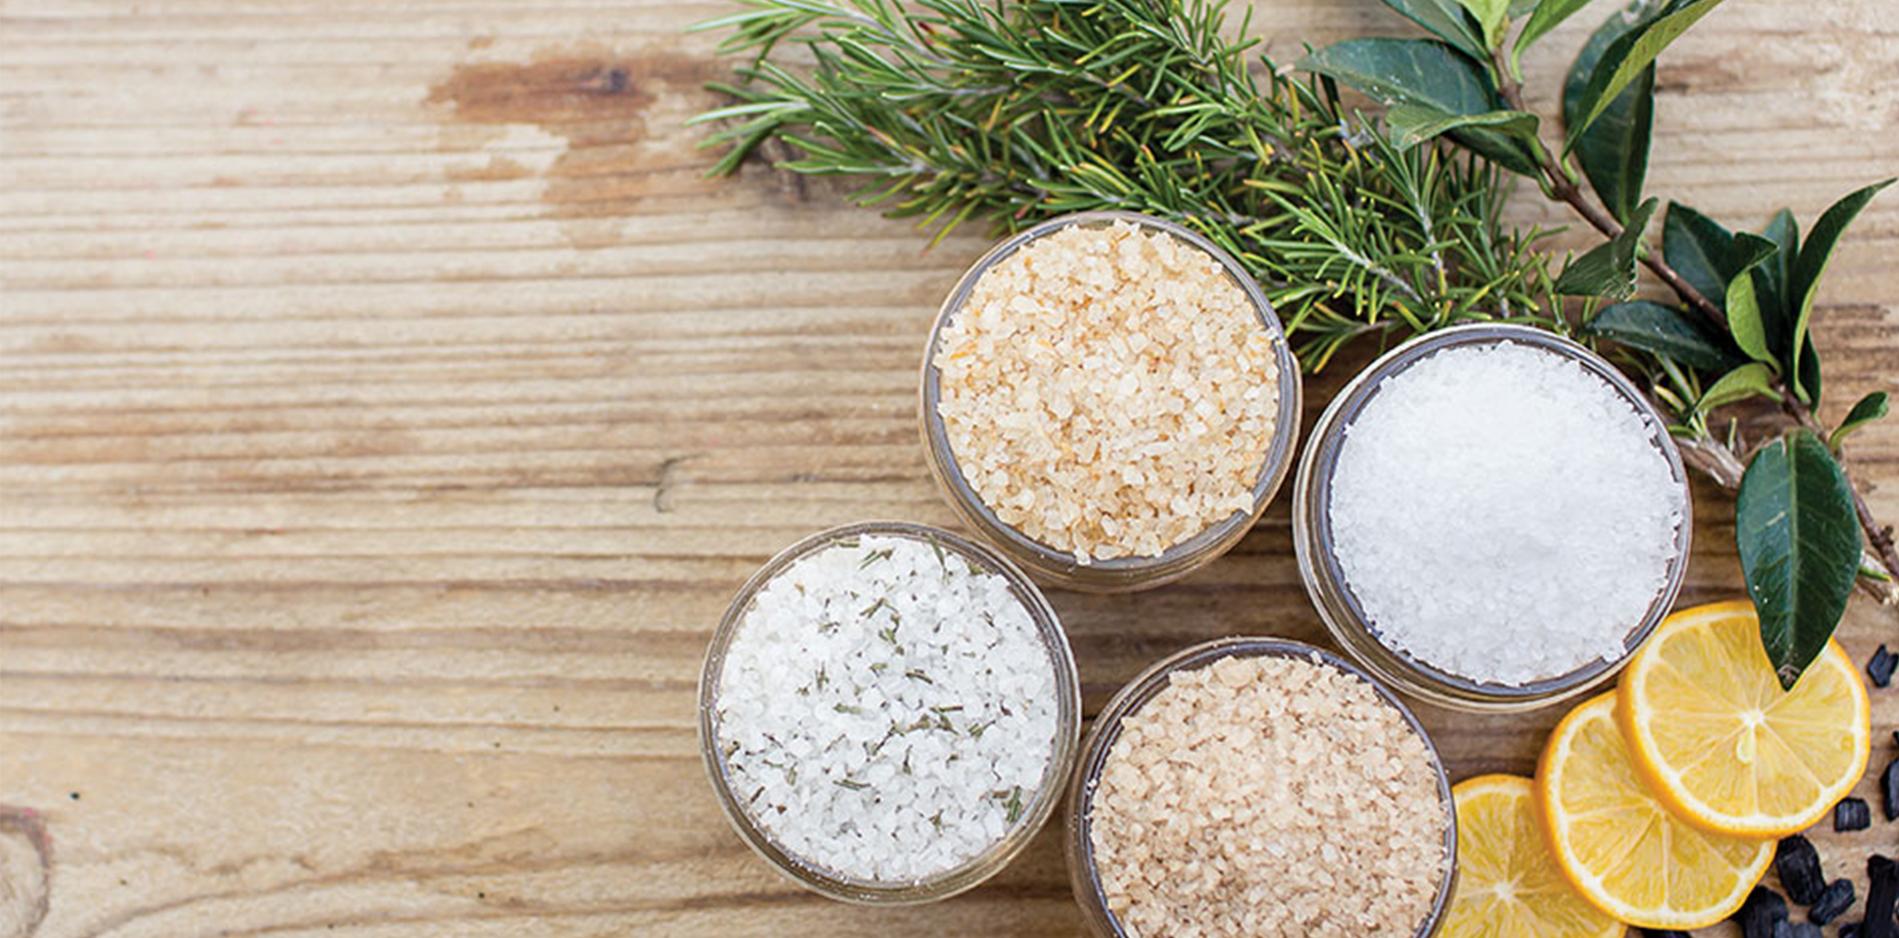 木の机の上に並べられたお皿に入れられた綺麗な海塩|副腎疲労blog